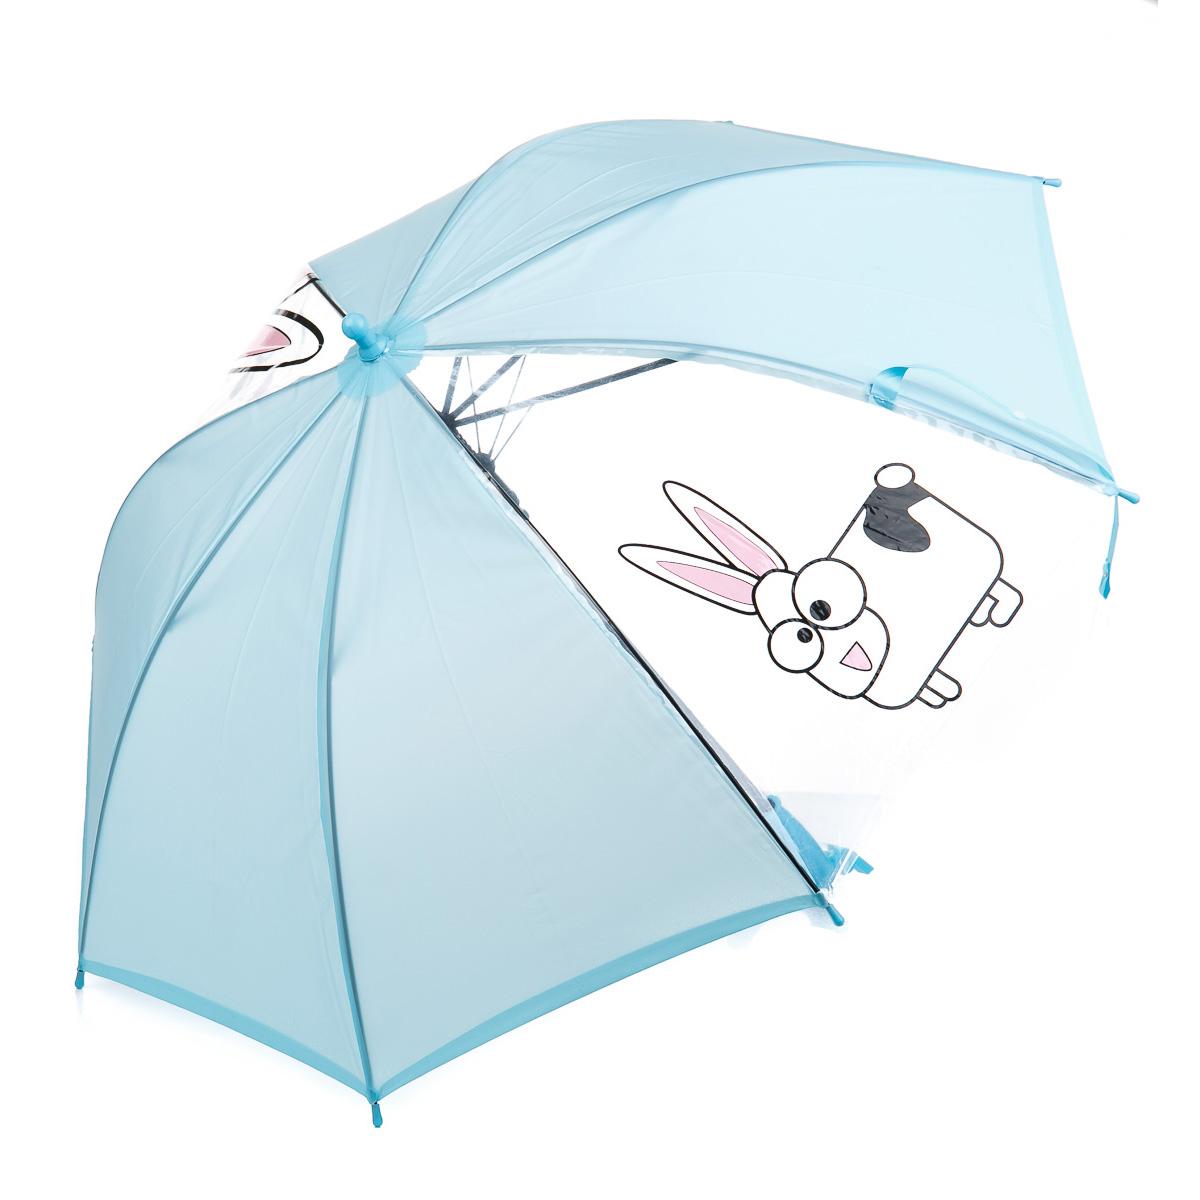 Зонт-трость голубой с прозрачными секциями и зайцами